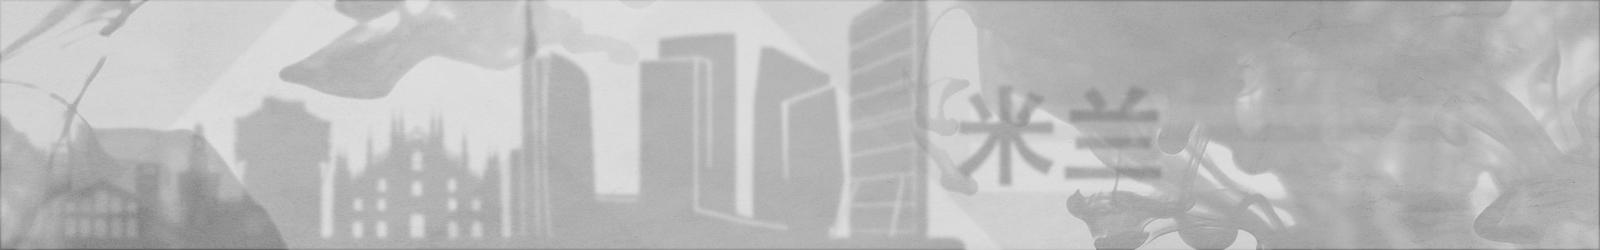 布雷拉美术馆